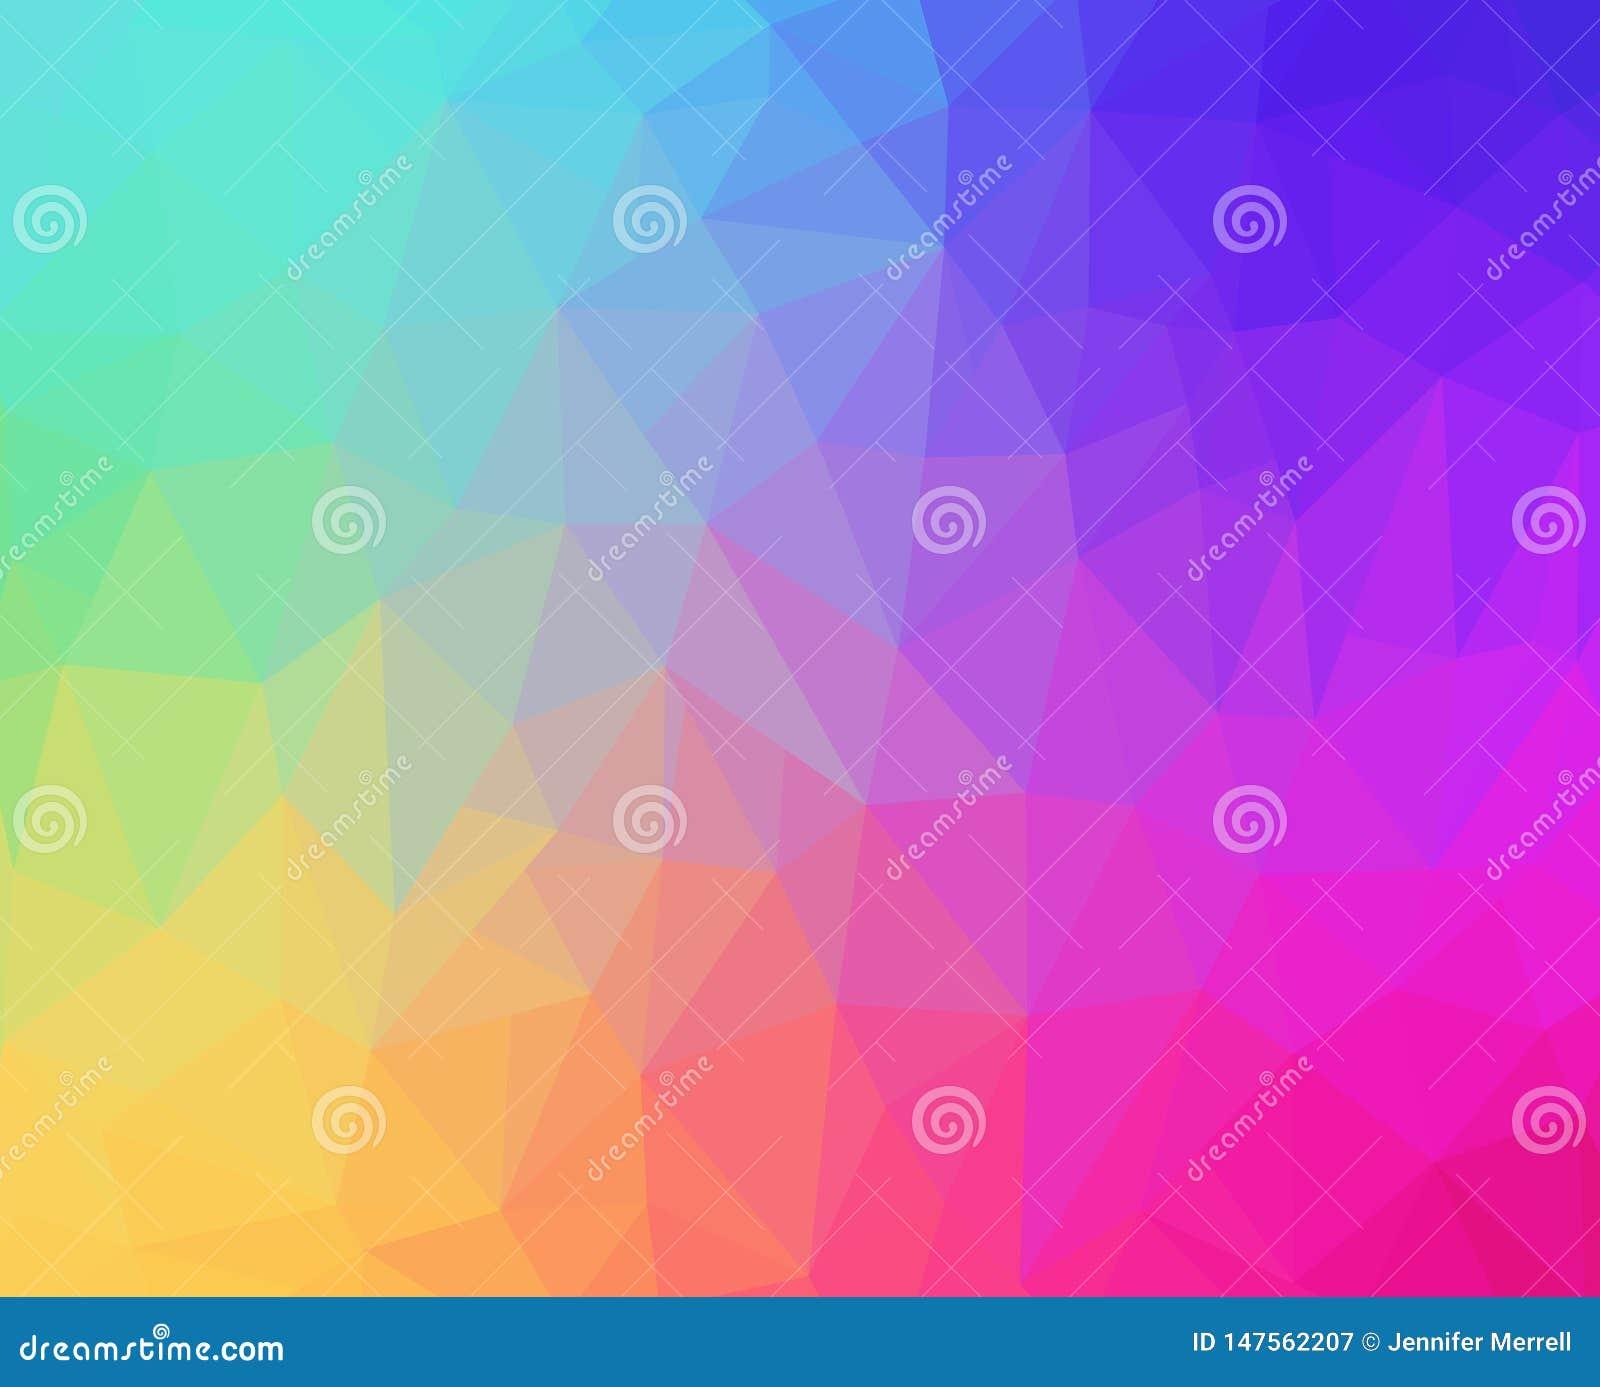 Fondo en colores pastel del polígono del arco iris